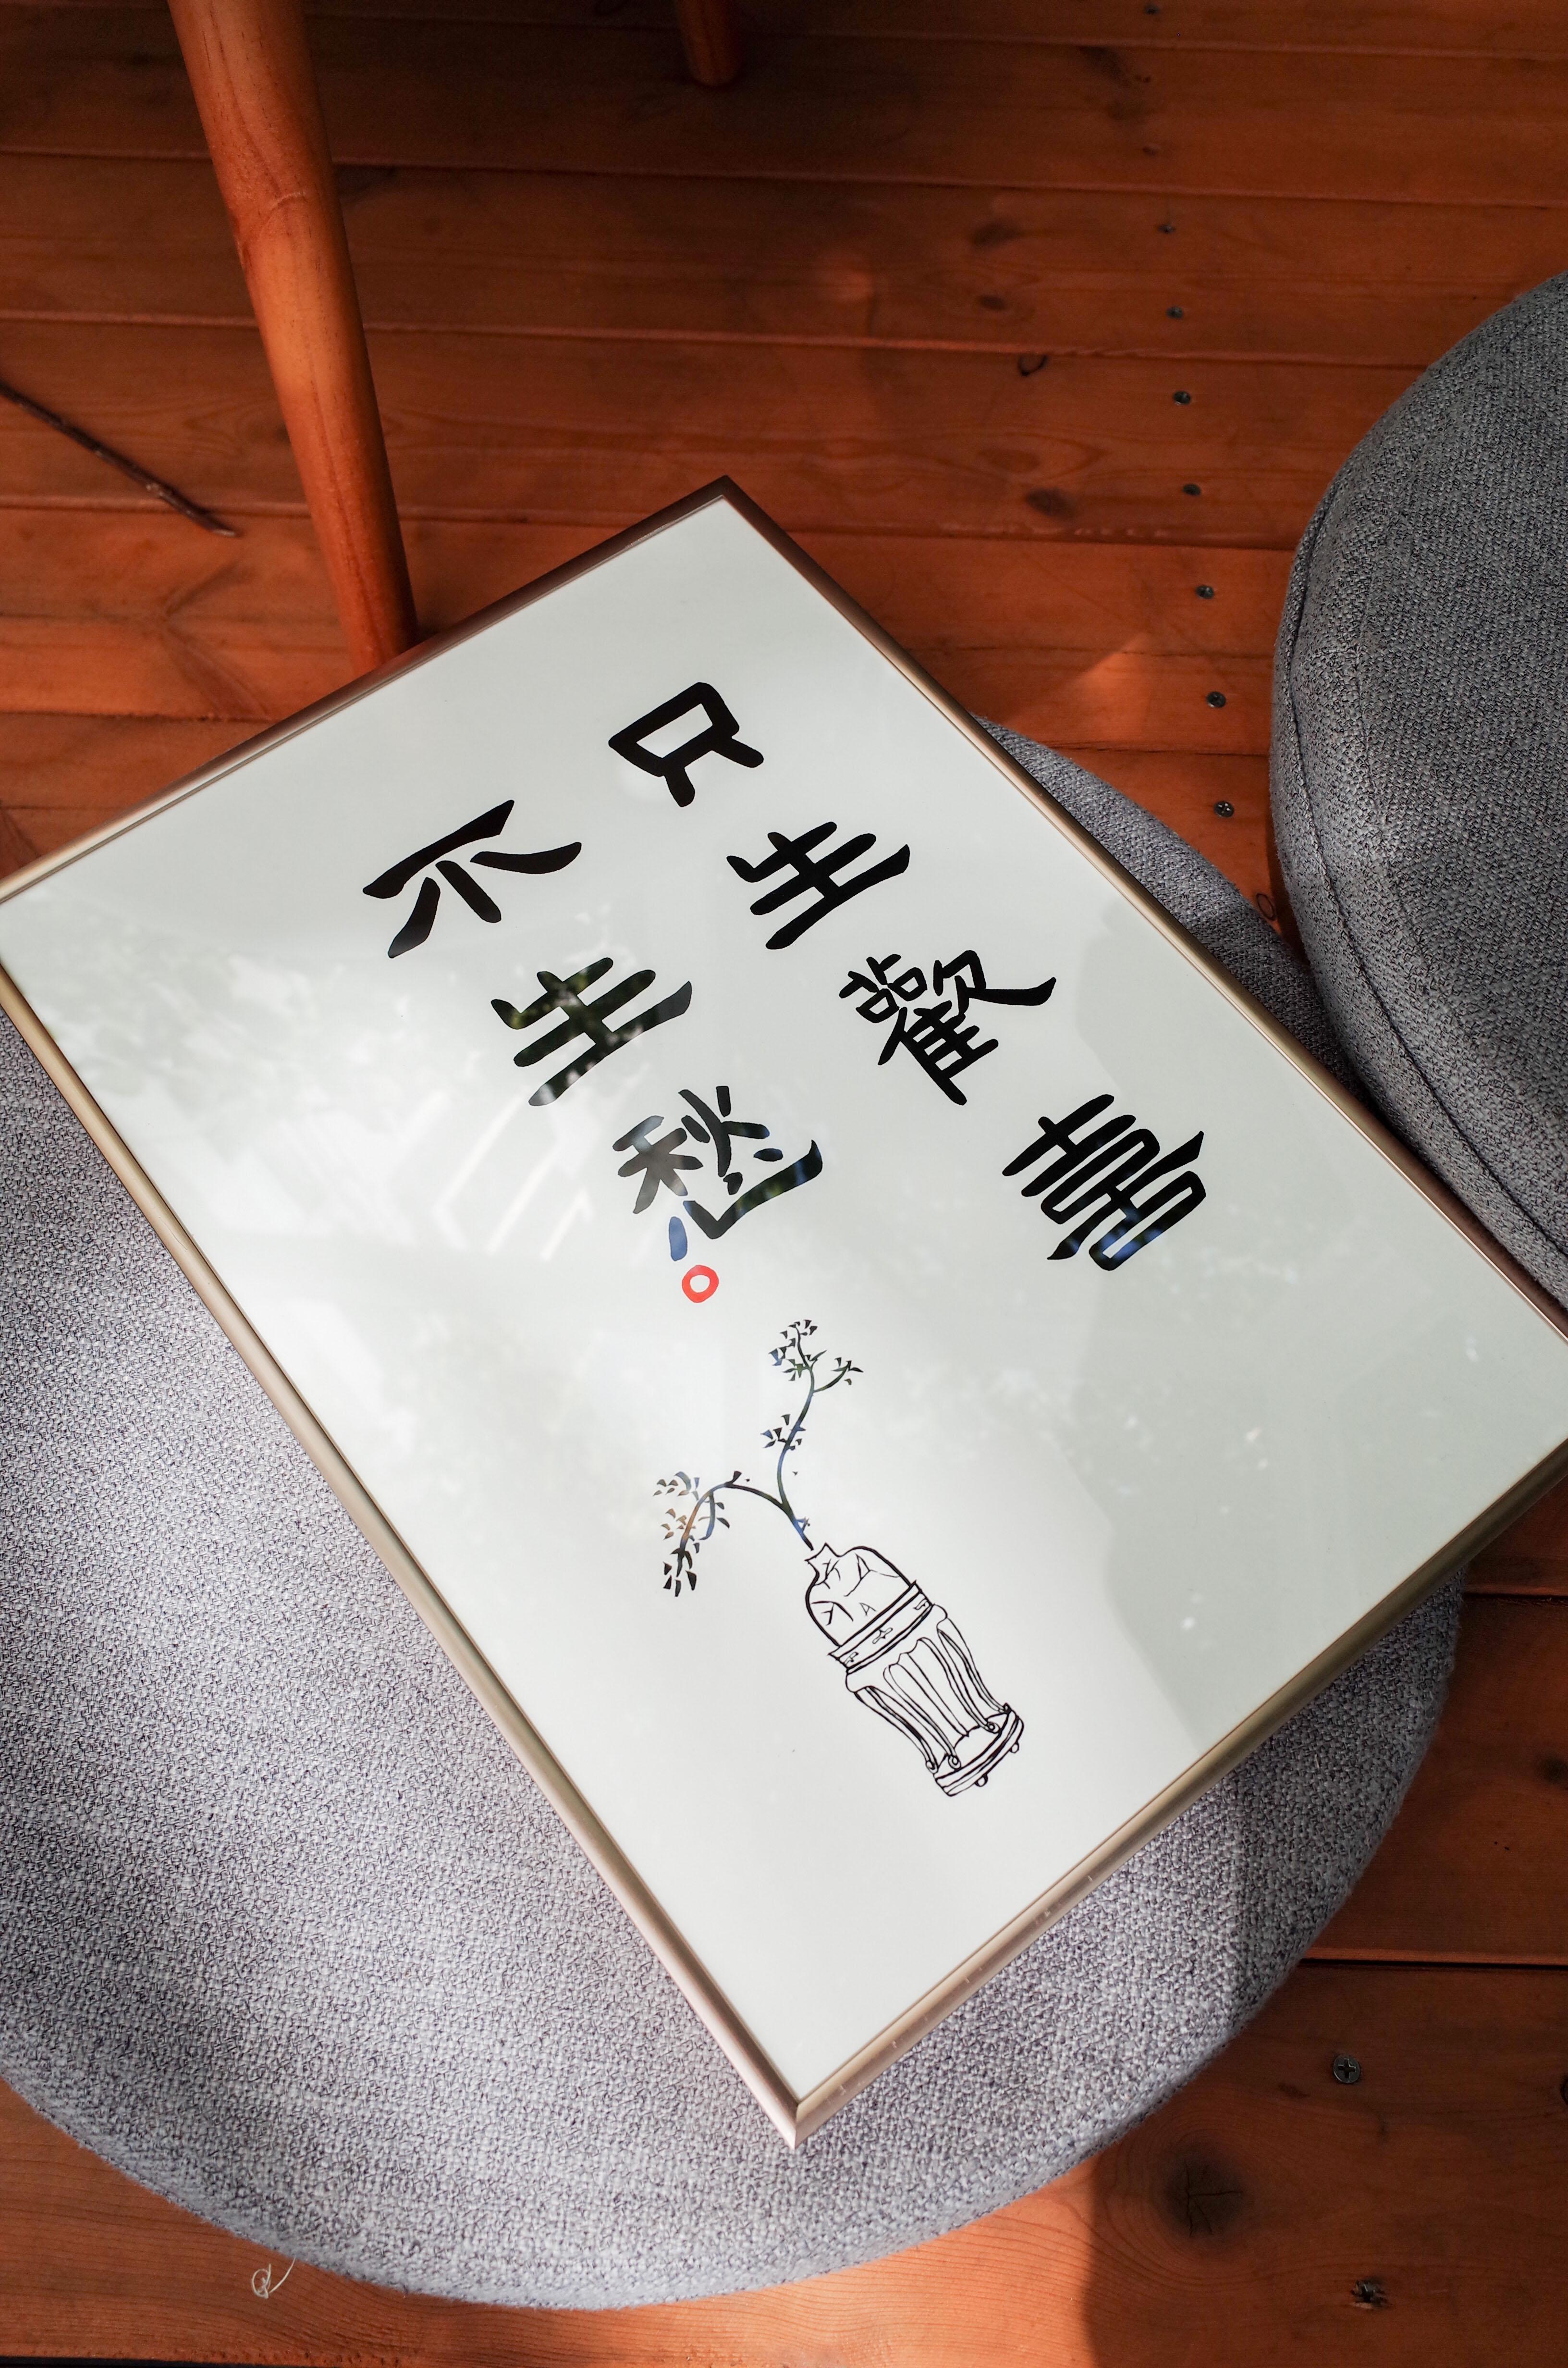 只生欢喜不生愁日式客厅装饰画玄关卧室餐厅挂画手写中式书法字画